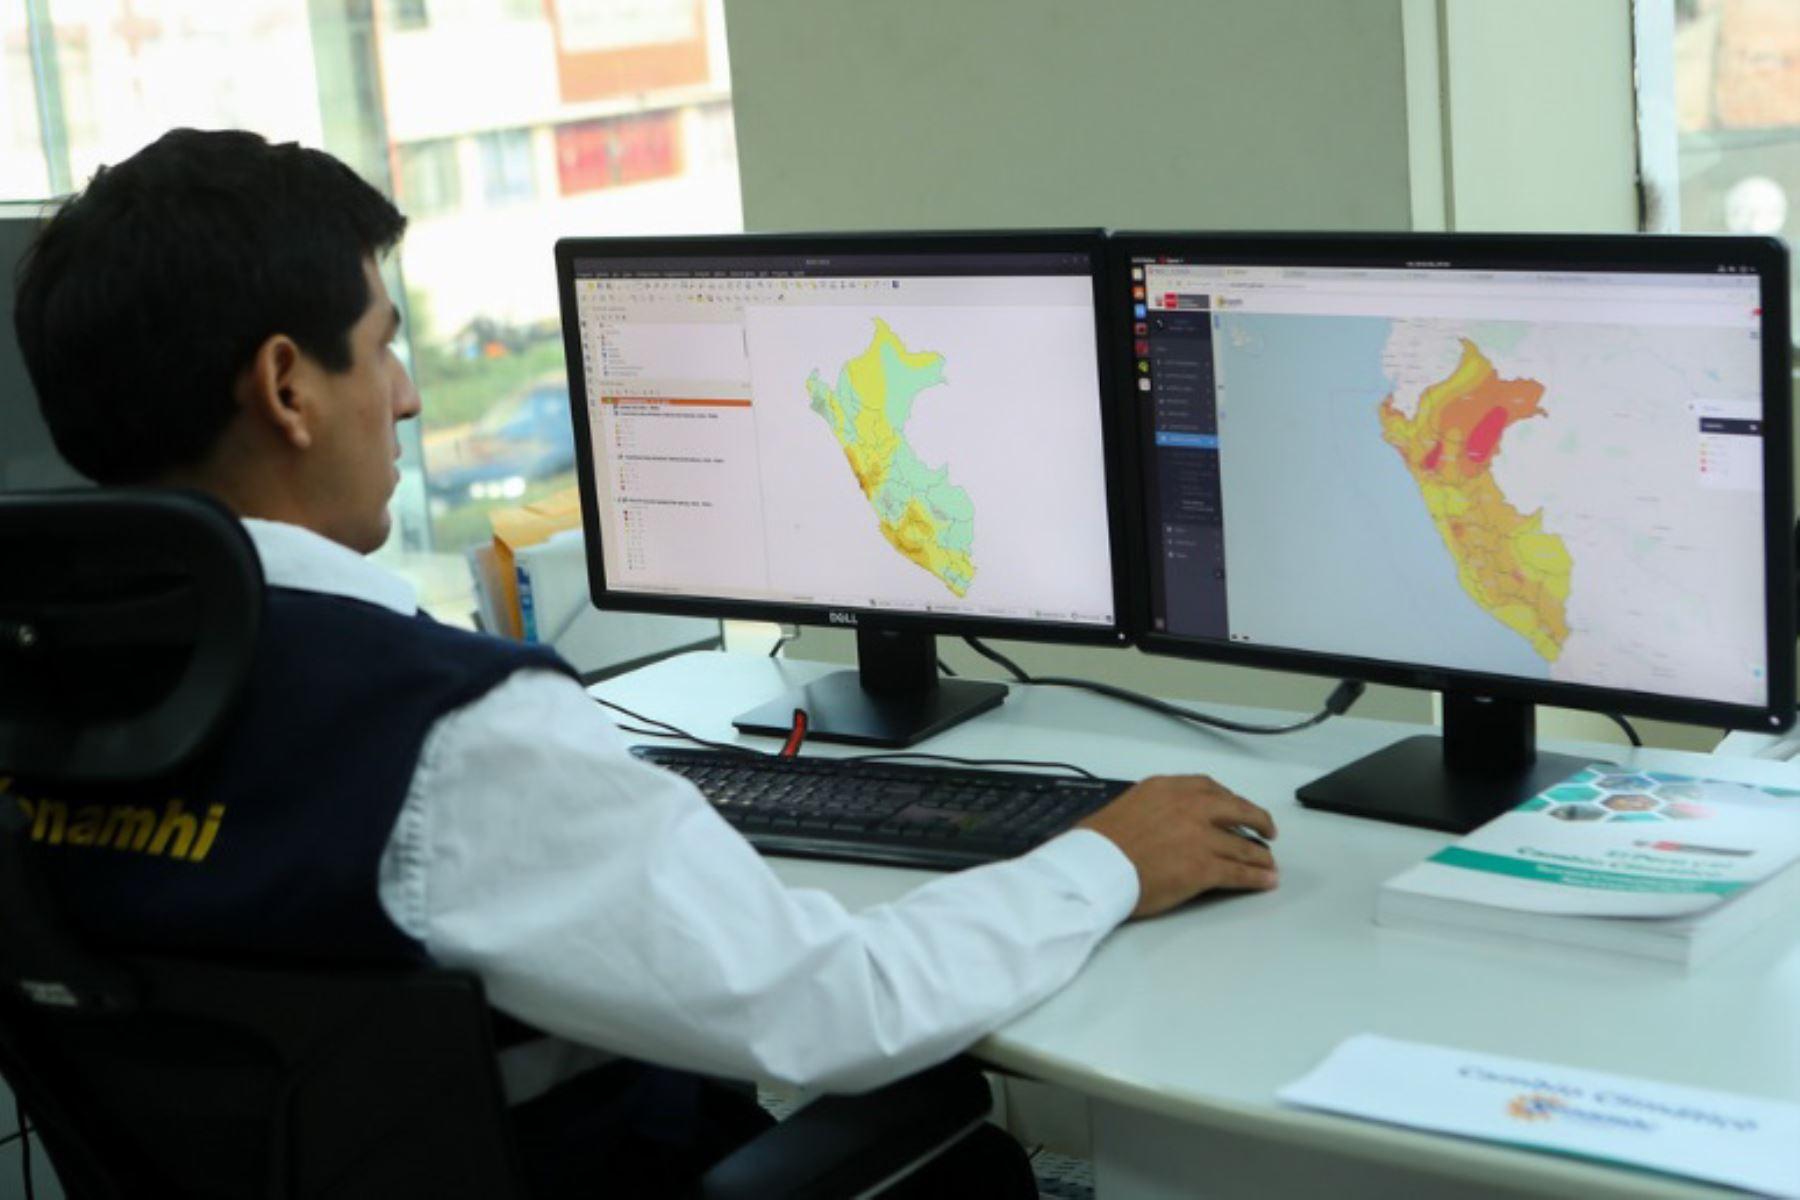 La ministra del Ambiente, Fabiola Muñoz, sostuvo que su sector, a través del Servicio Nacional de Meteorología e Hidrología (Senamhi), ha implementado una plataforma de infraestructura de datos espaciales para la gestión de riesgo de desastres y así hacer frente al cambio climático.